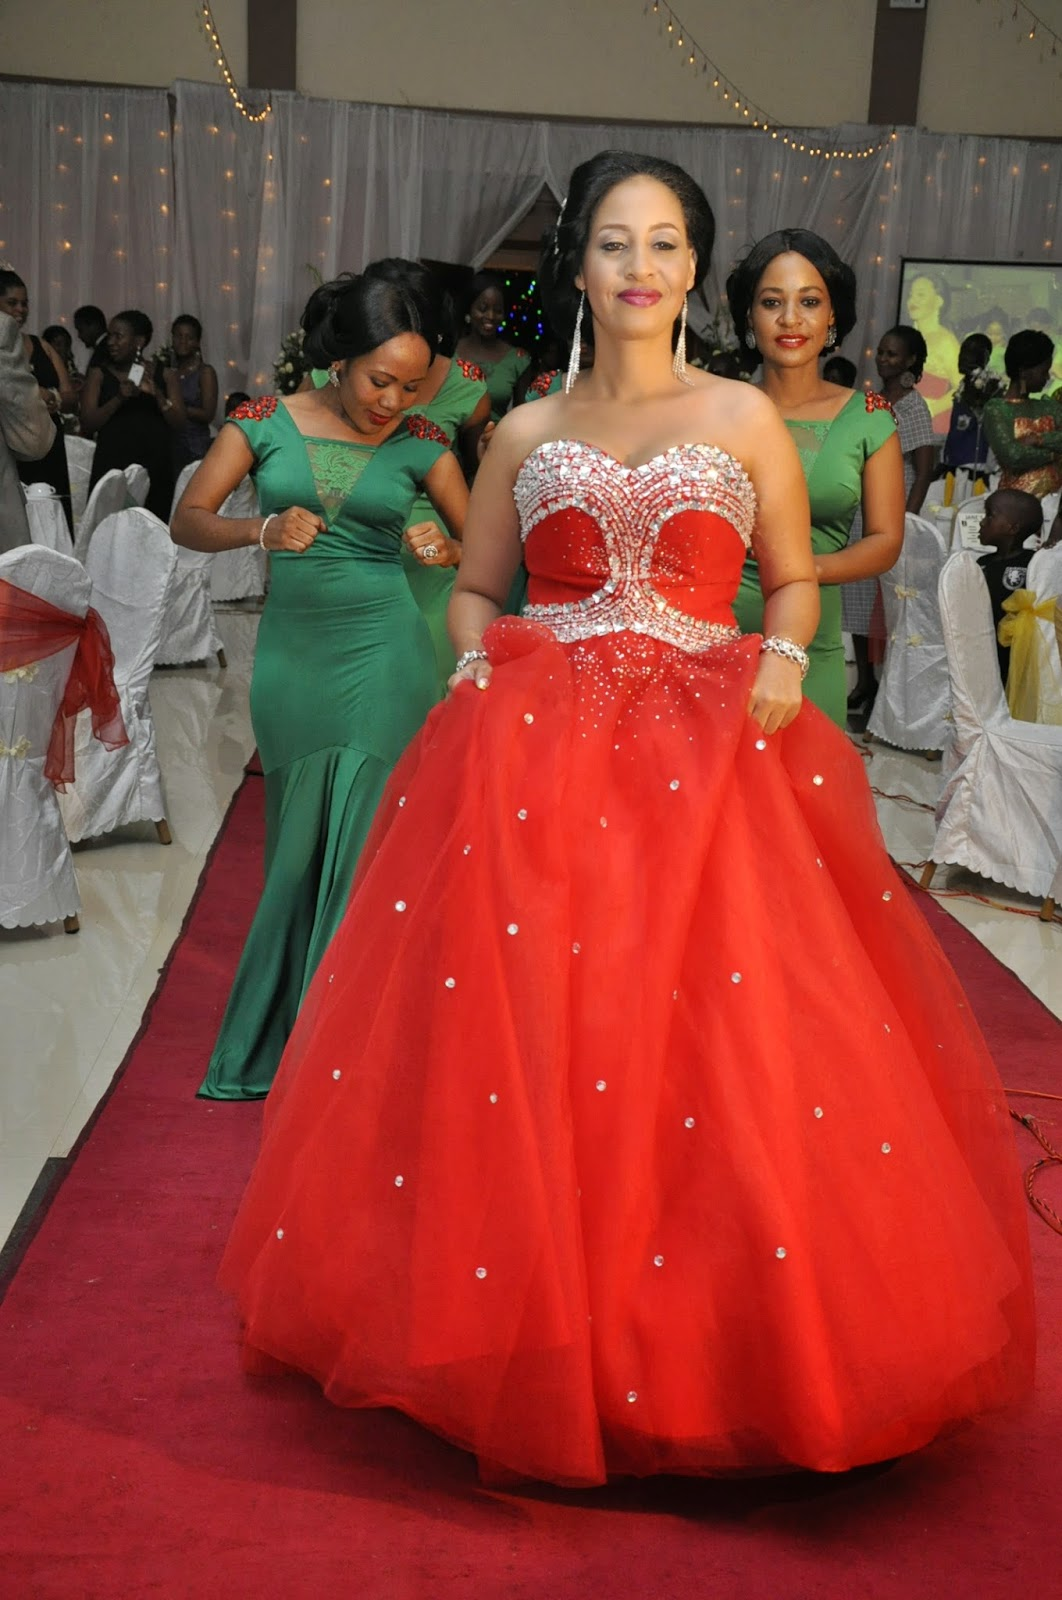 Sophie Mbeyu Blog: MAMBO YA KITCHEN PARTY HAYO! KIWALO KIPI ...